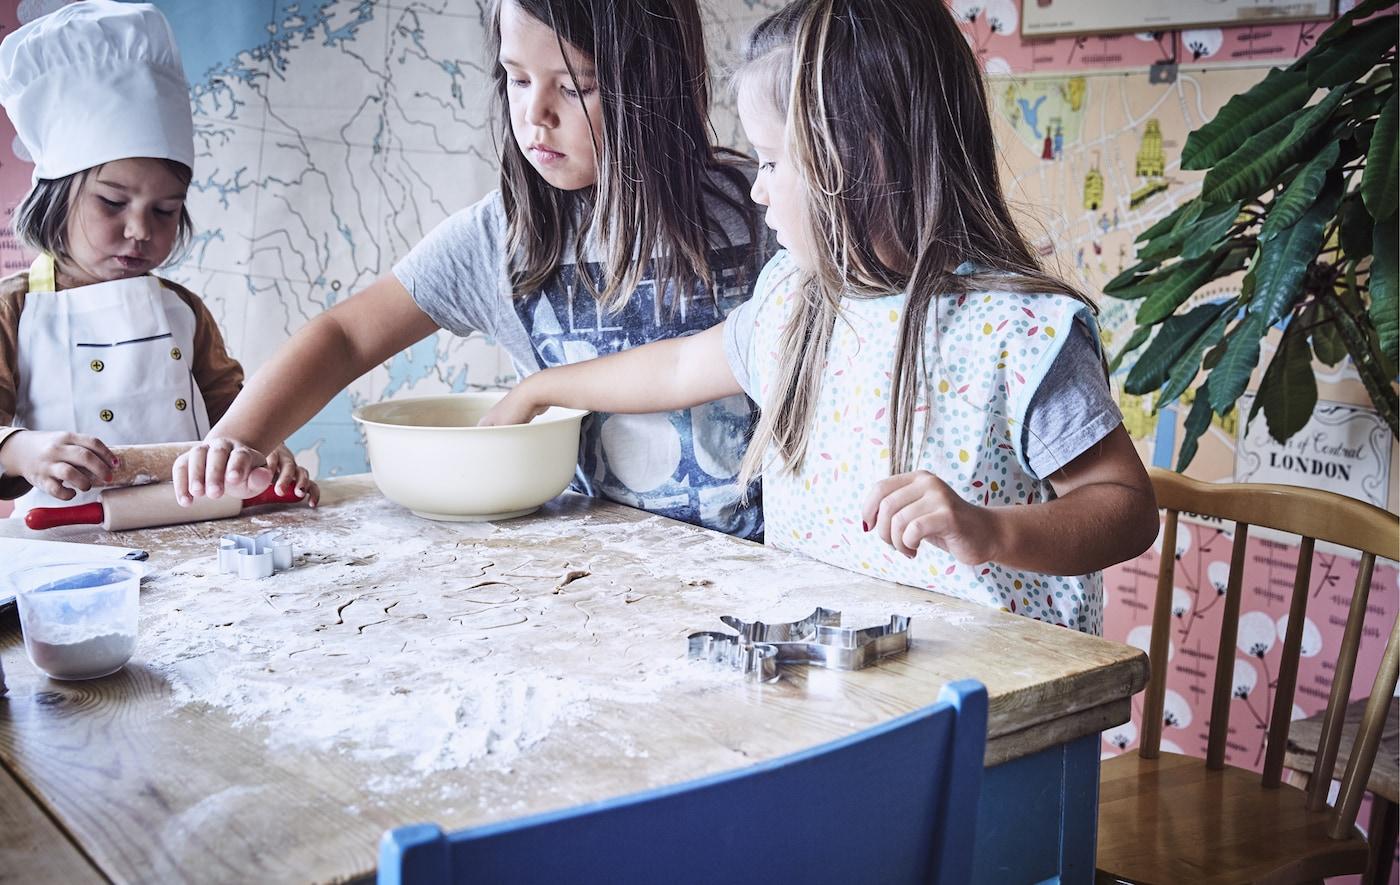 Trois enfants debout autour d'une table avec de la farine, de la pâte et des ustensiles de pâtisserie.